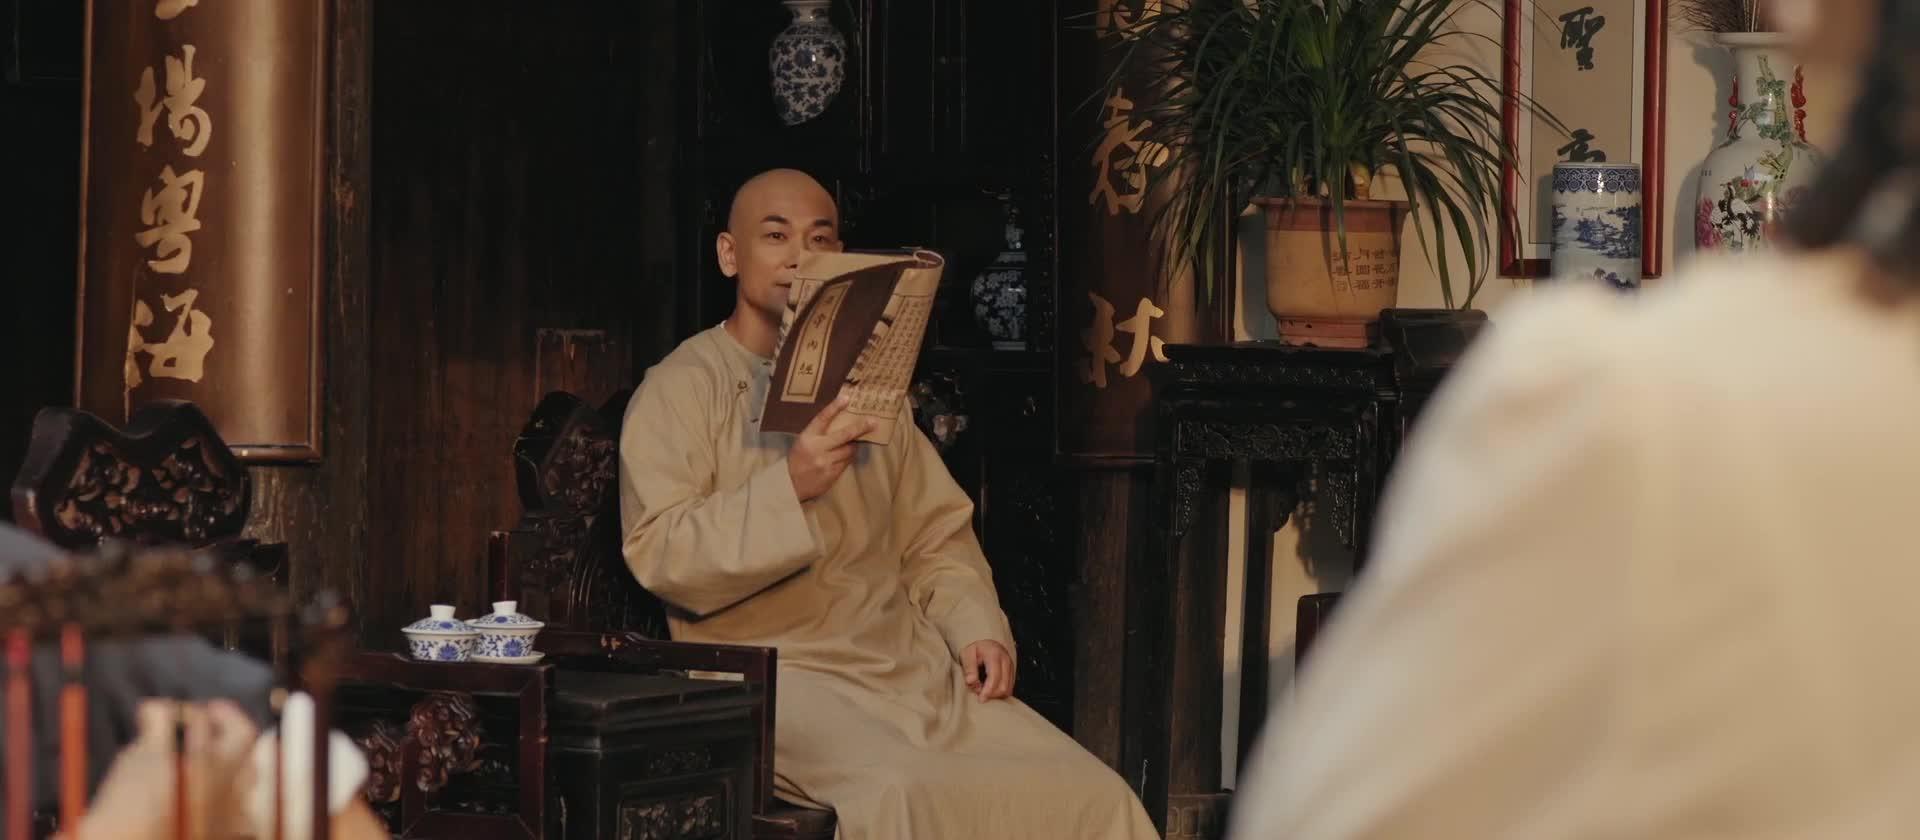 黄飞鸿要教十三姨学习武功,十三姨说他学过击剑